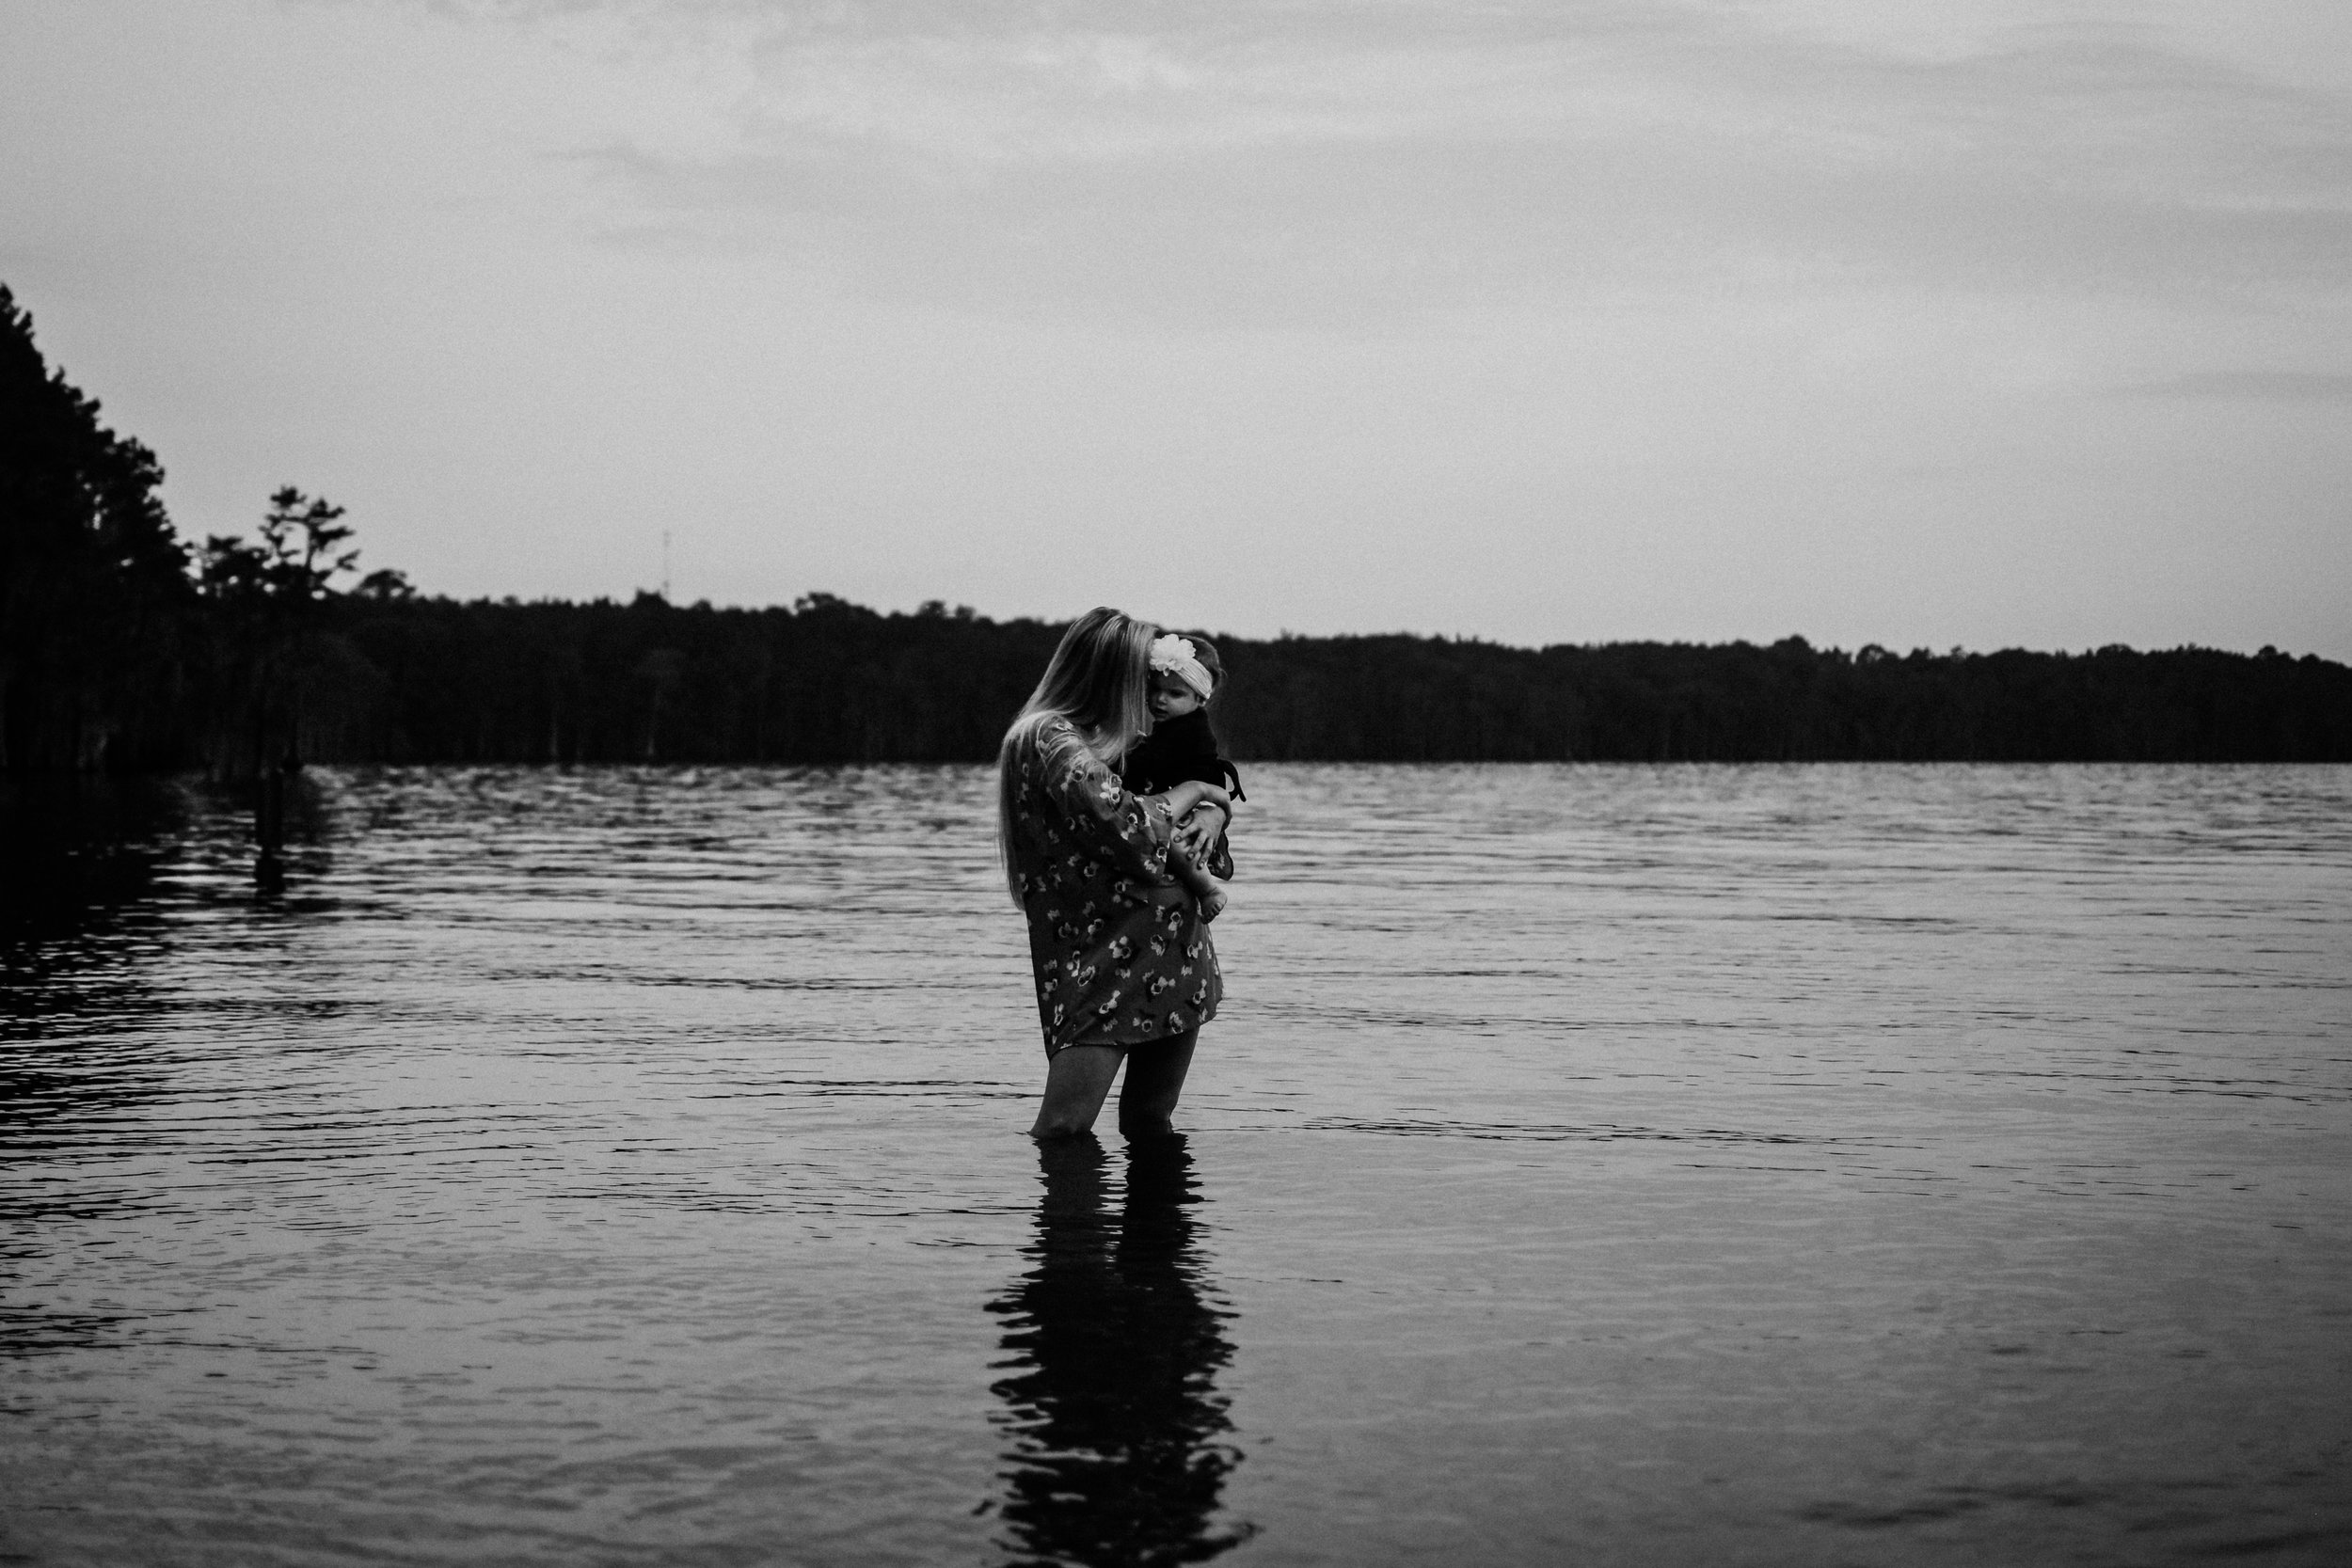 CrestviewFloridaLifestylePhotographer-MommyandMeSession-LakeJackson-FloralaAlabama-58.jpg